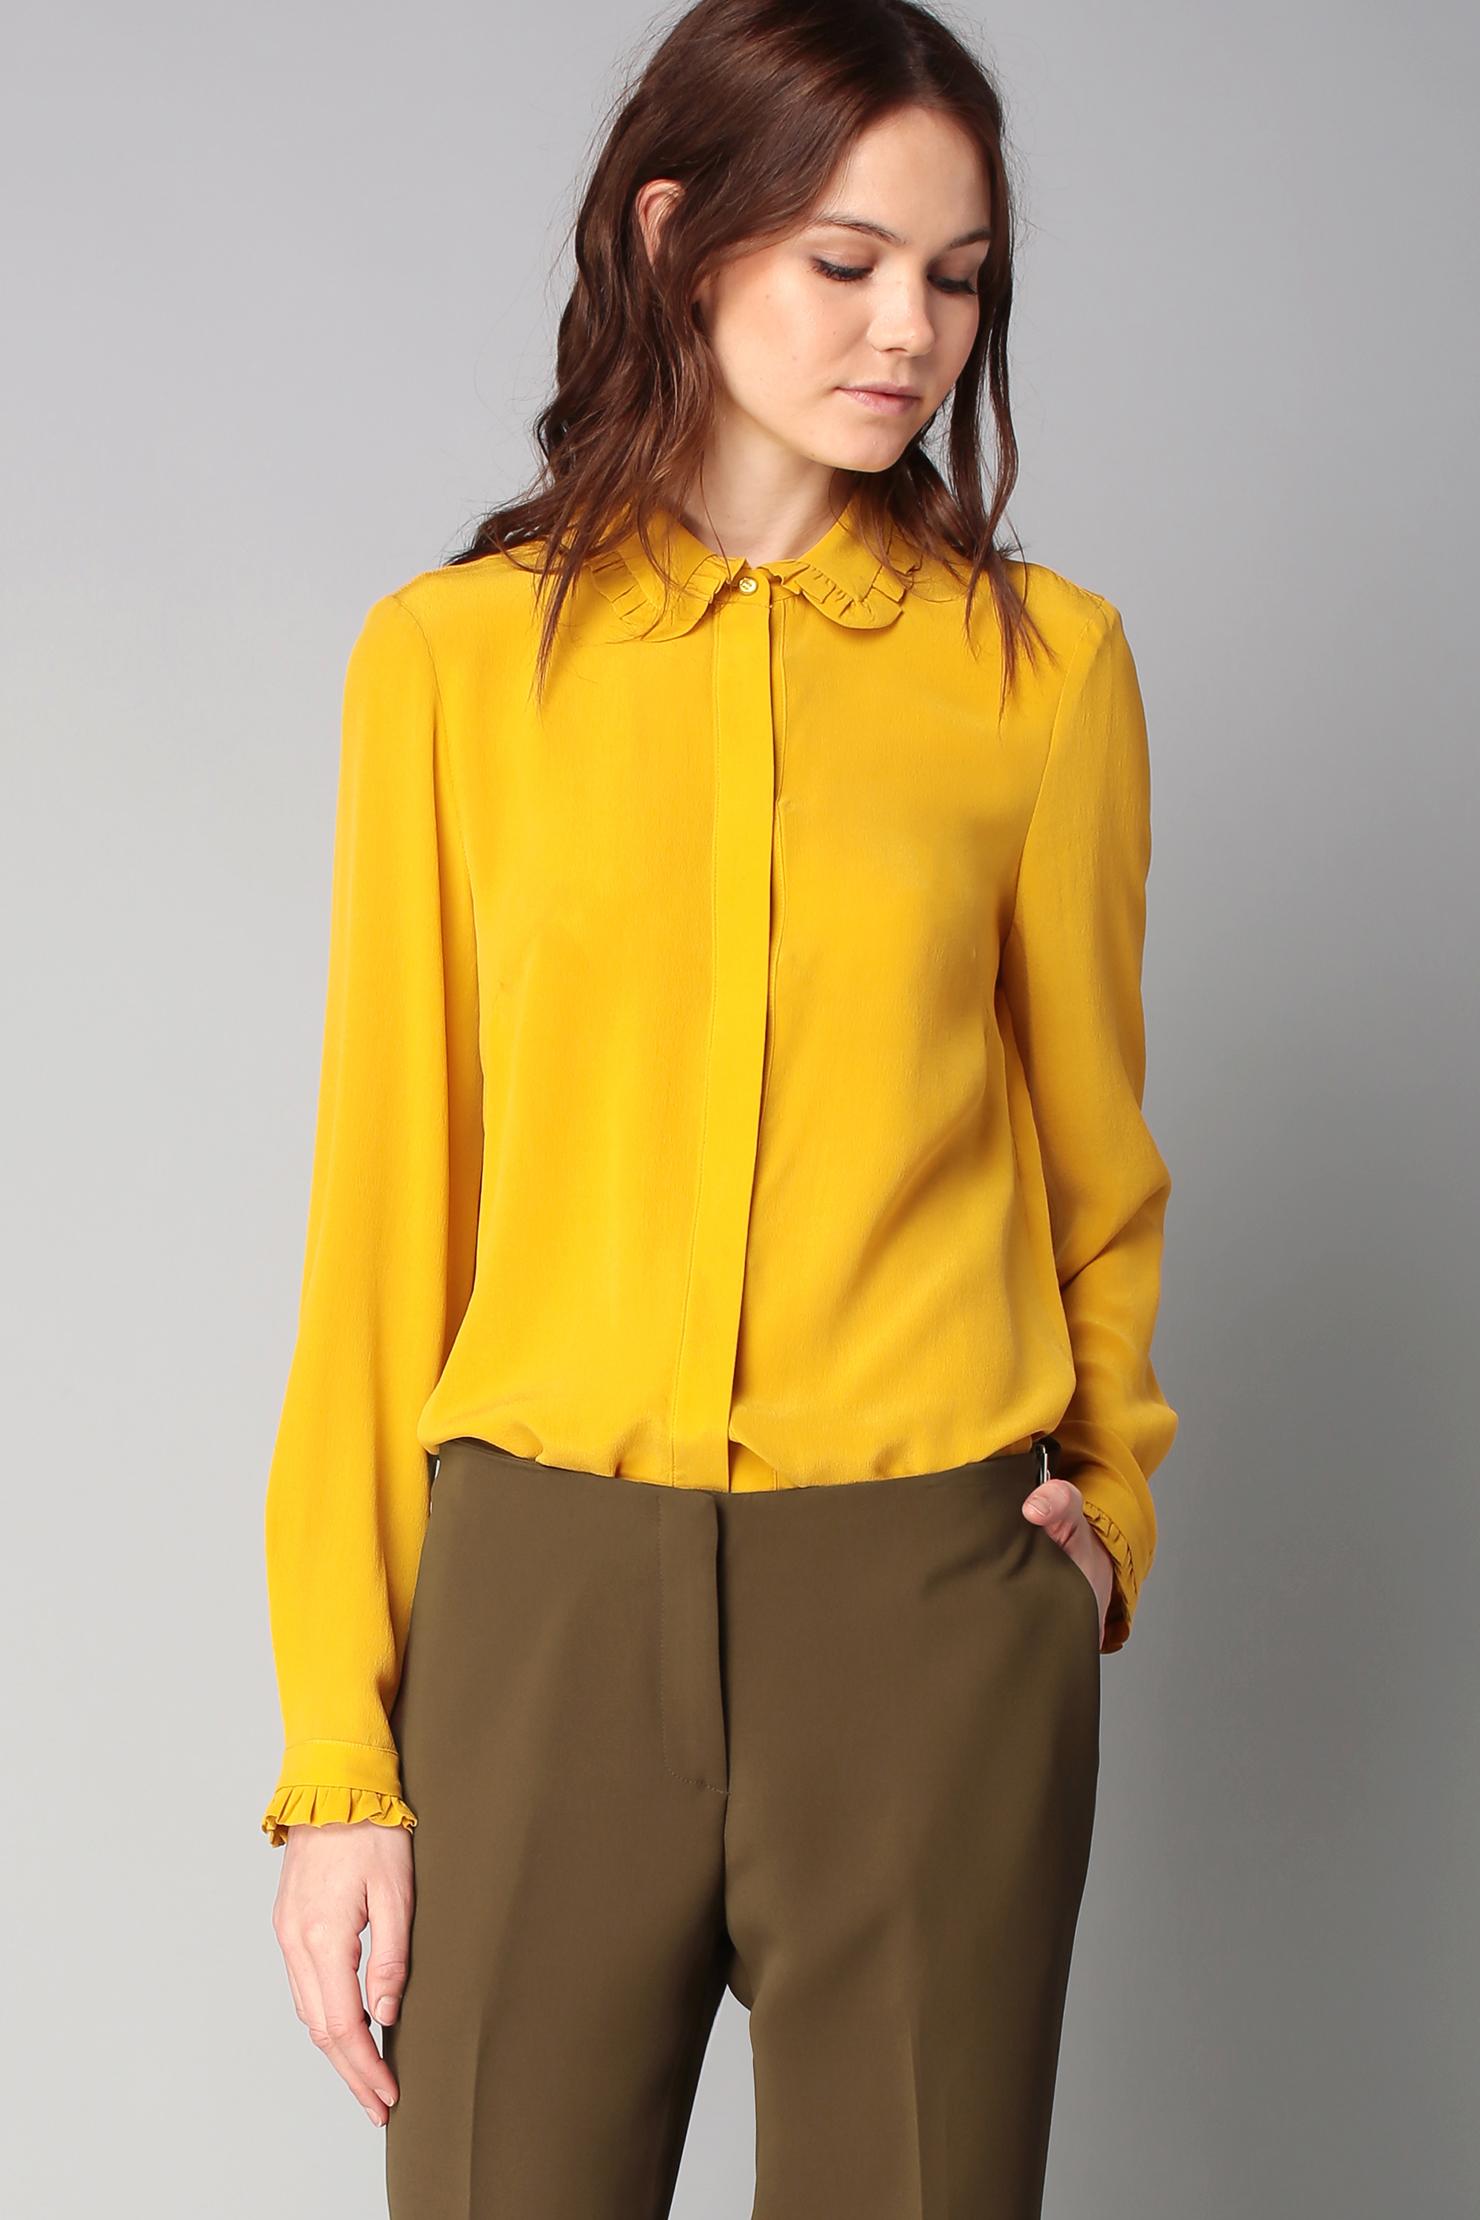 Классическая желтая блузка